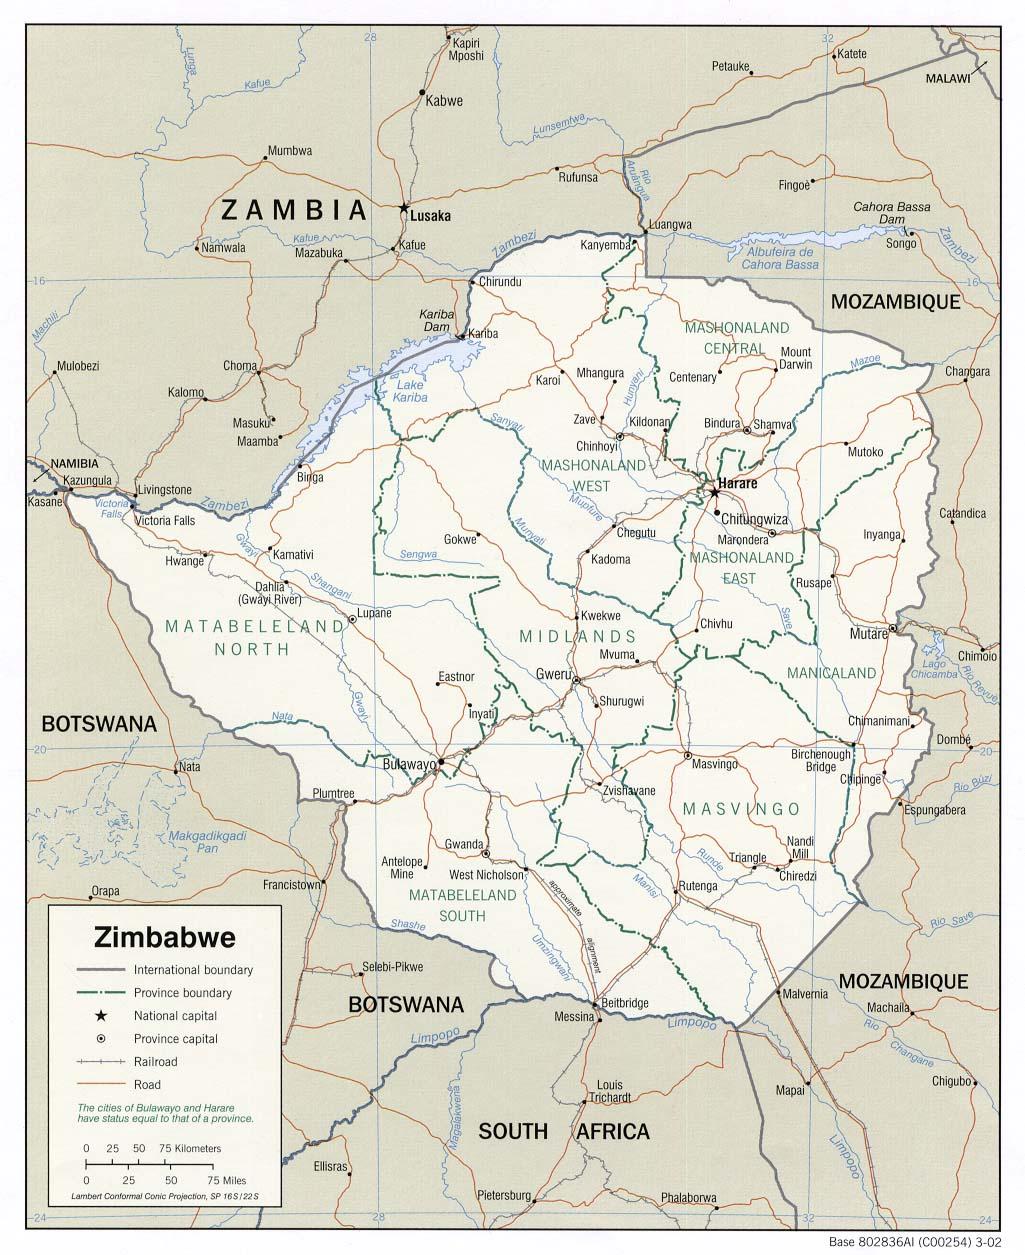 Mapa Politico de Zimbabue